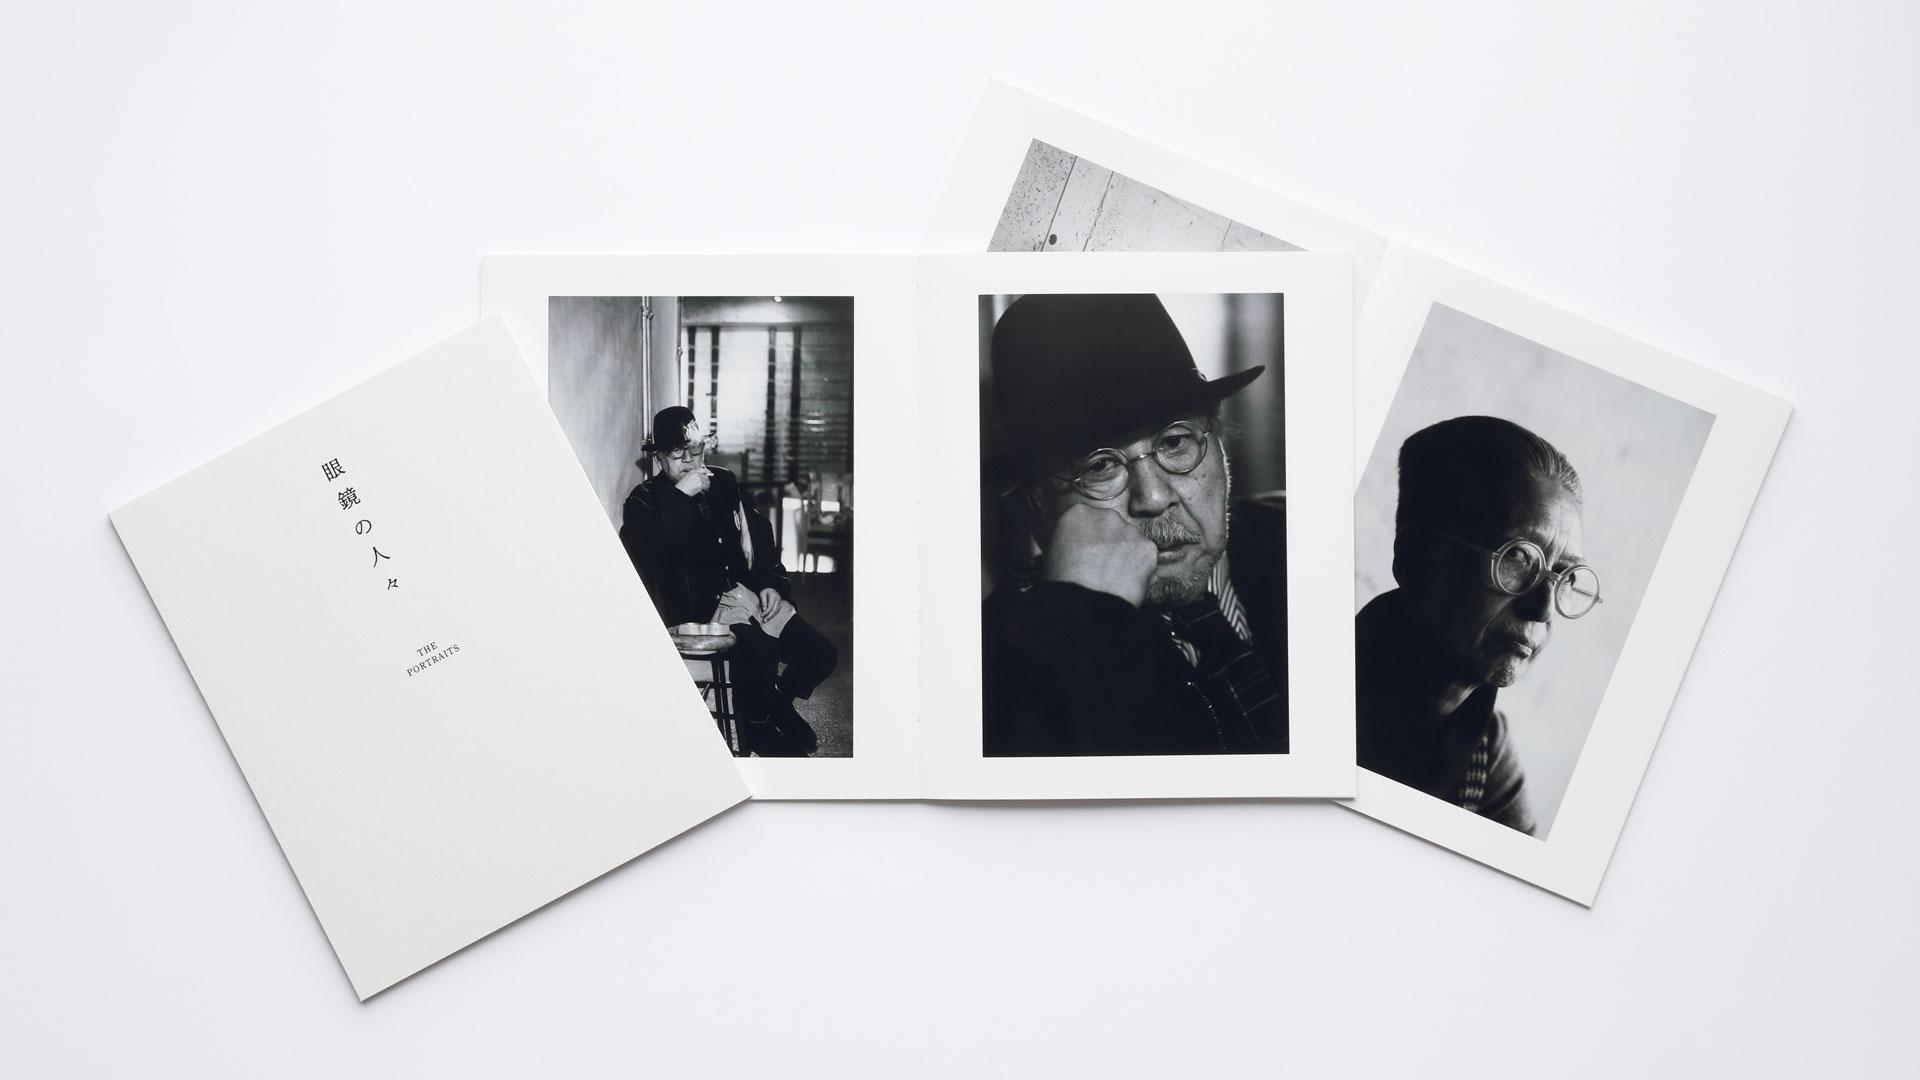 白山眼鏡店 ポートレート集『The Portraits-眼鏡の人々』制作